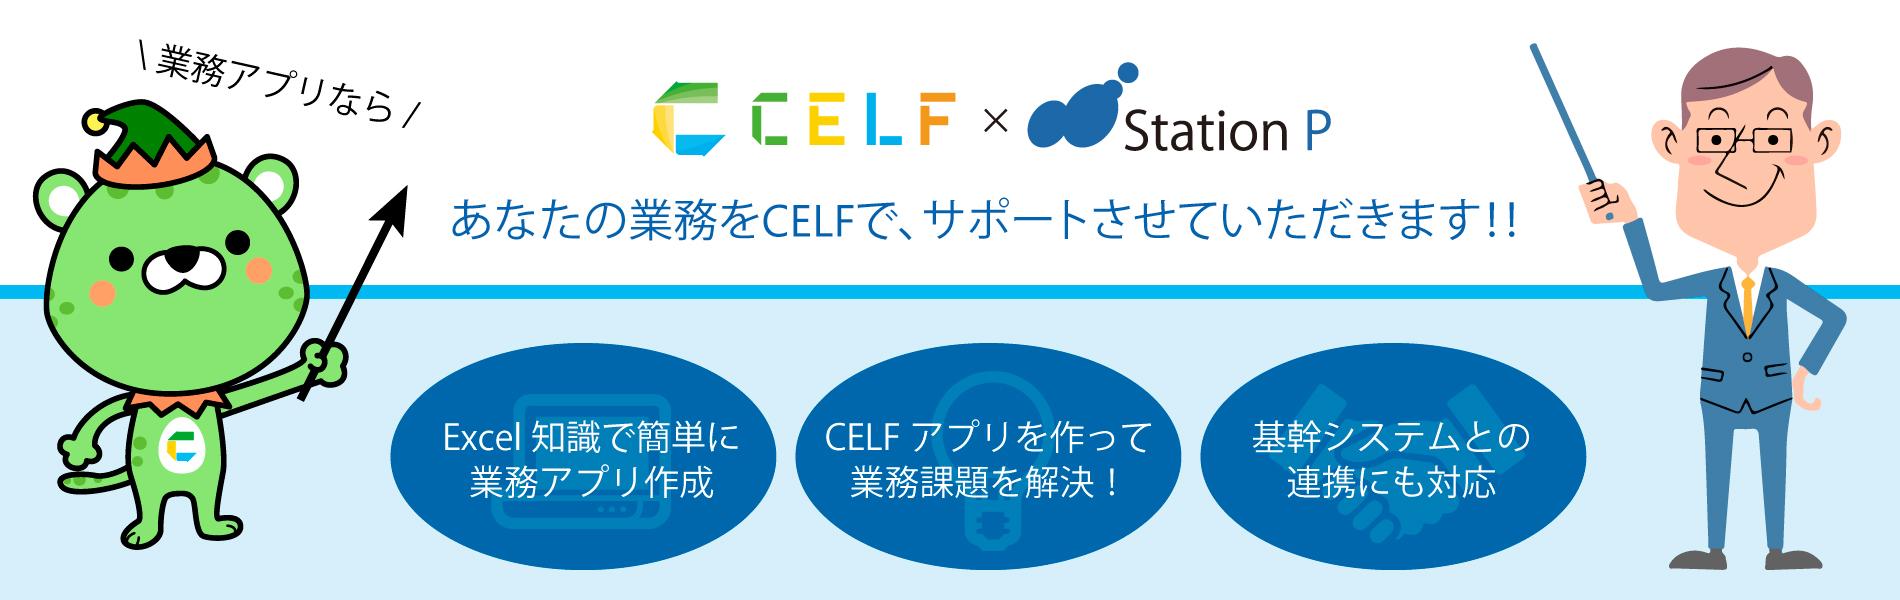 あなたの業務をCELFで、サポートさせていただきます!!